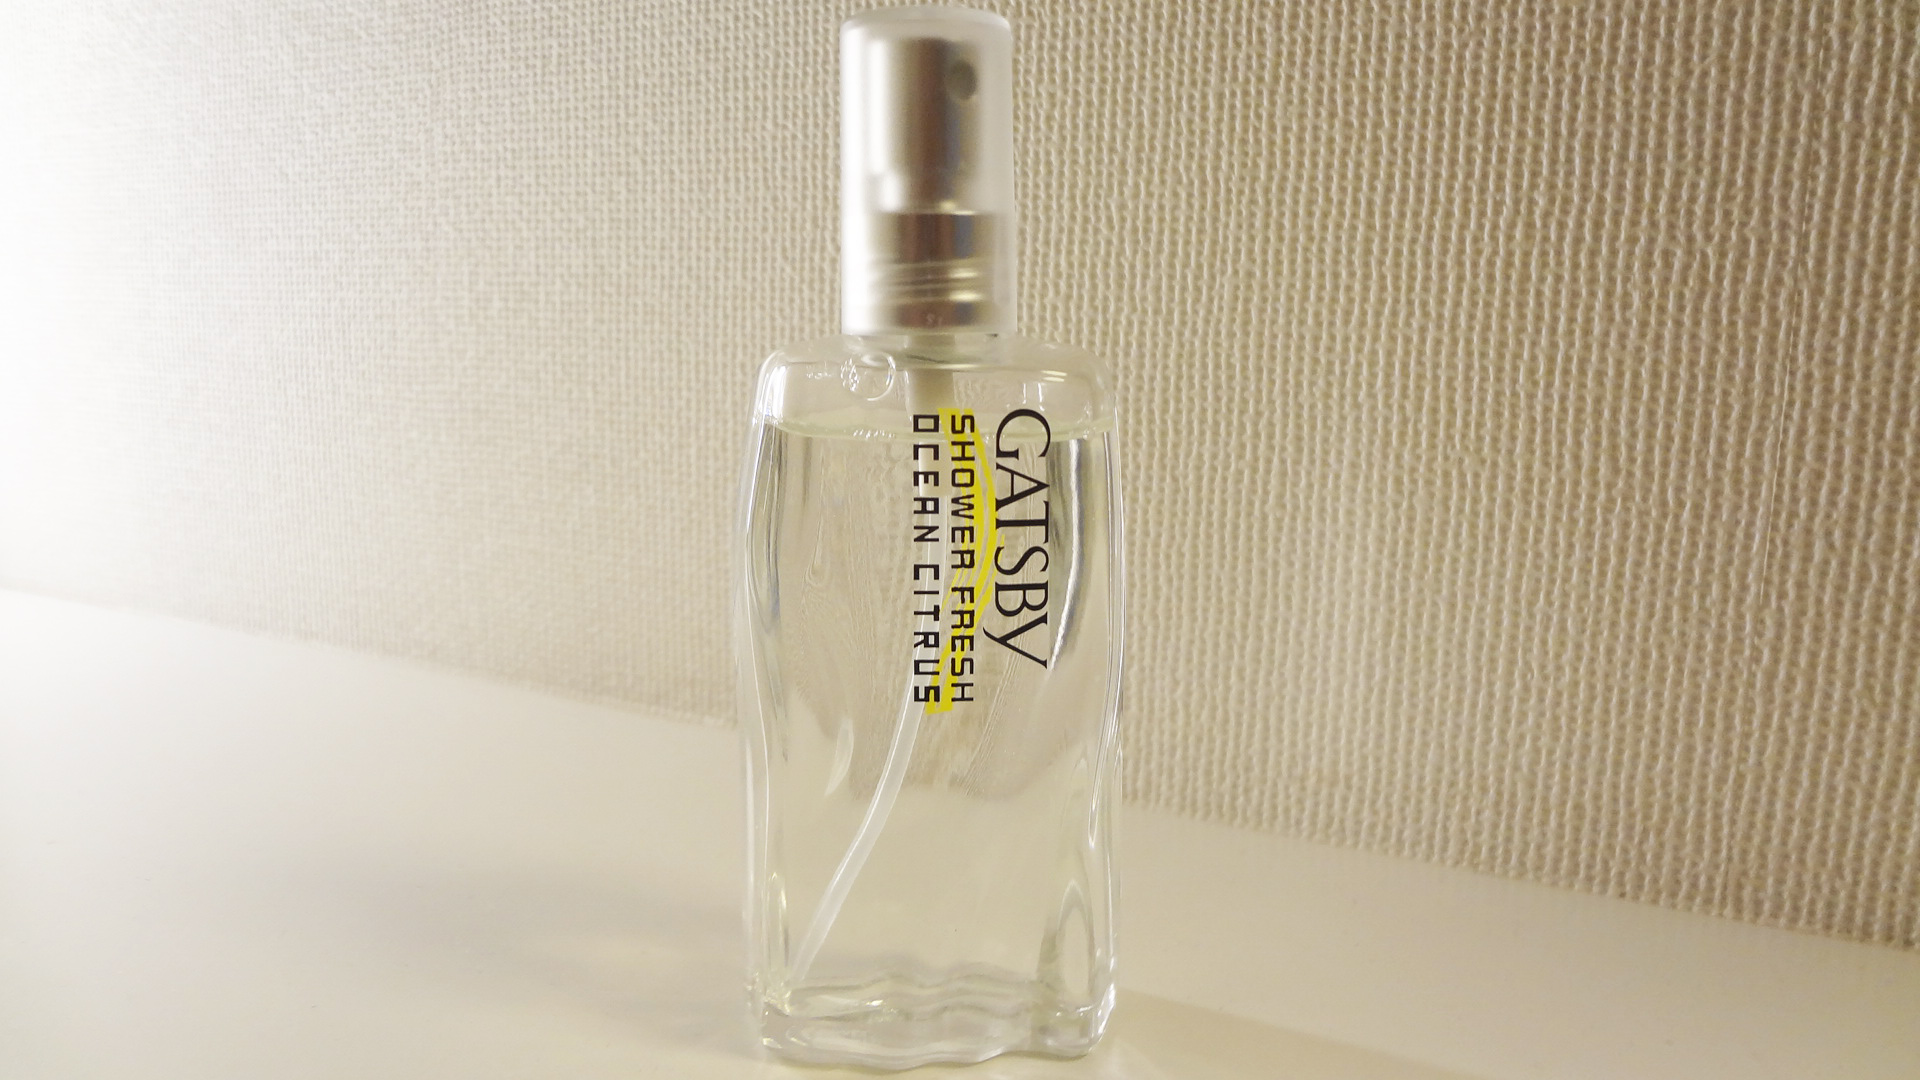 【香水レビュー】ギャツビーのオーシャンシトラスってどんな香り?700円の激安香水。